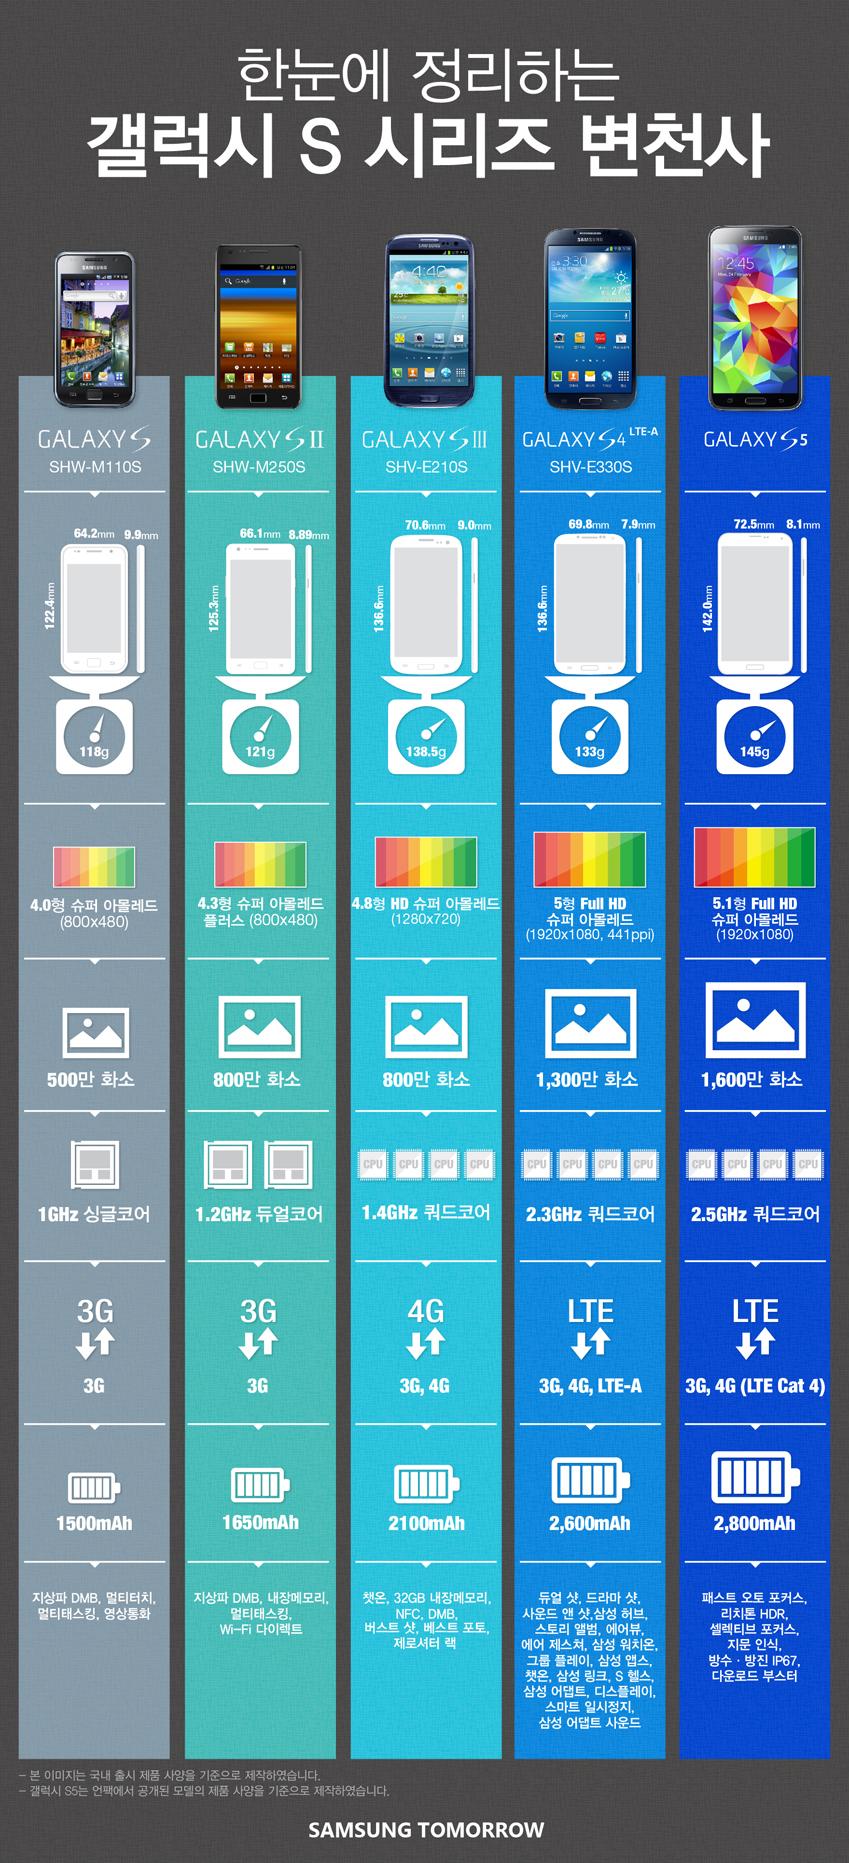 갤럭시 S 시리즈 인포그래픽